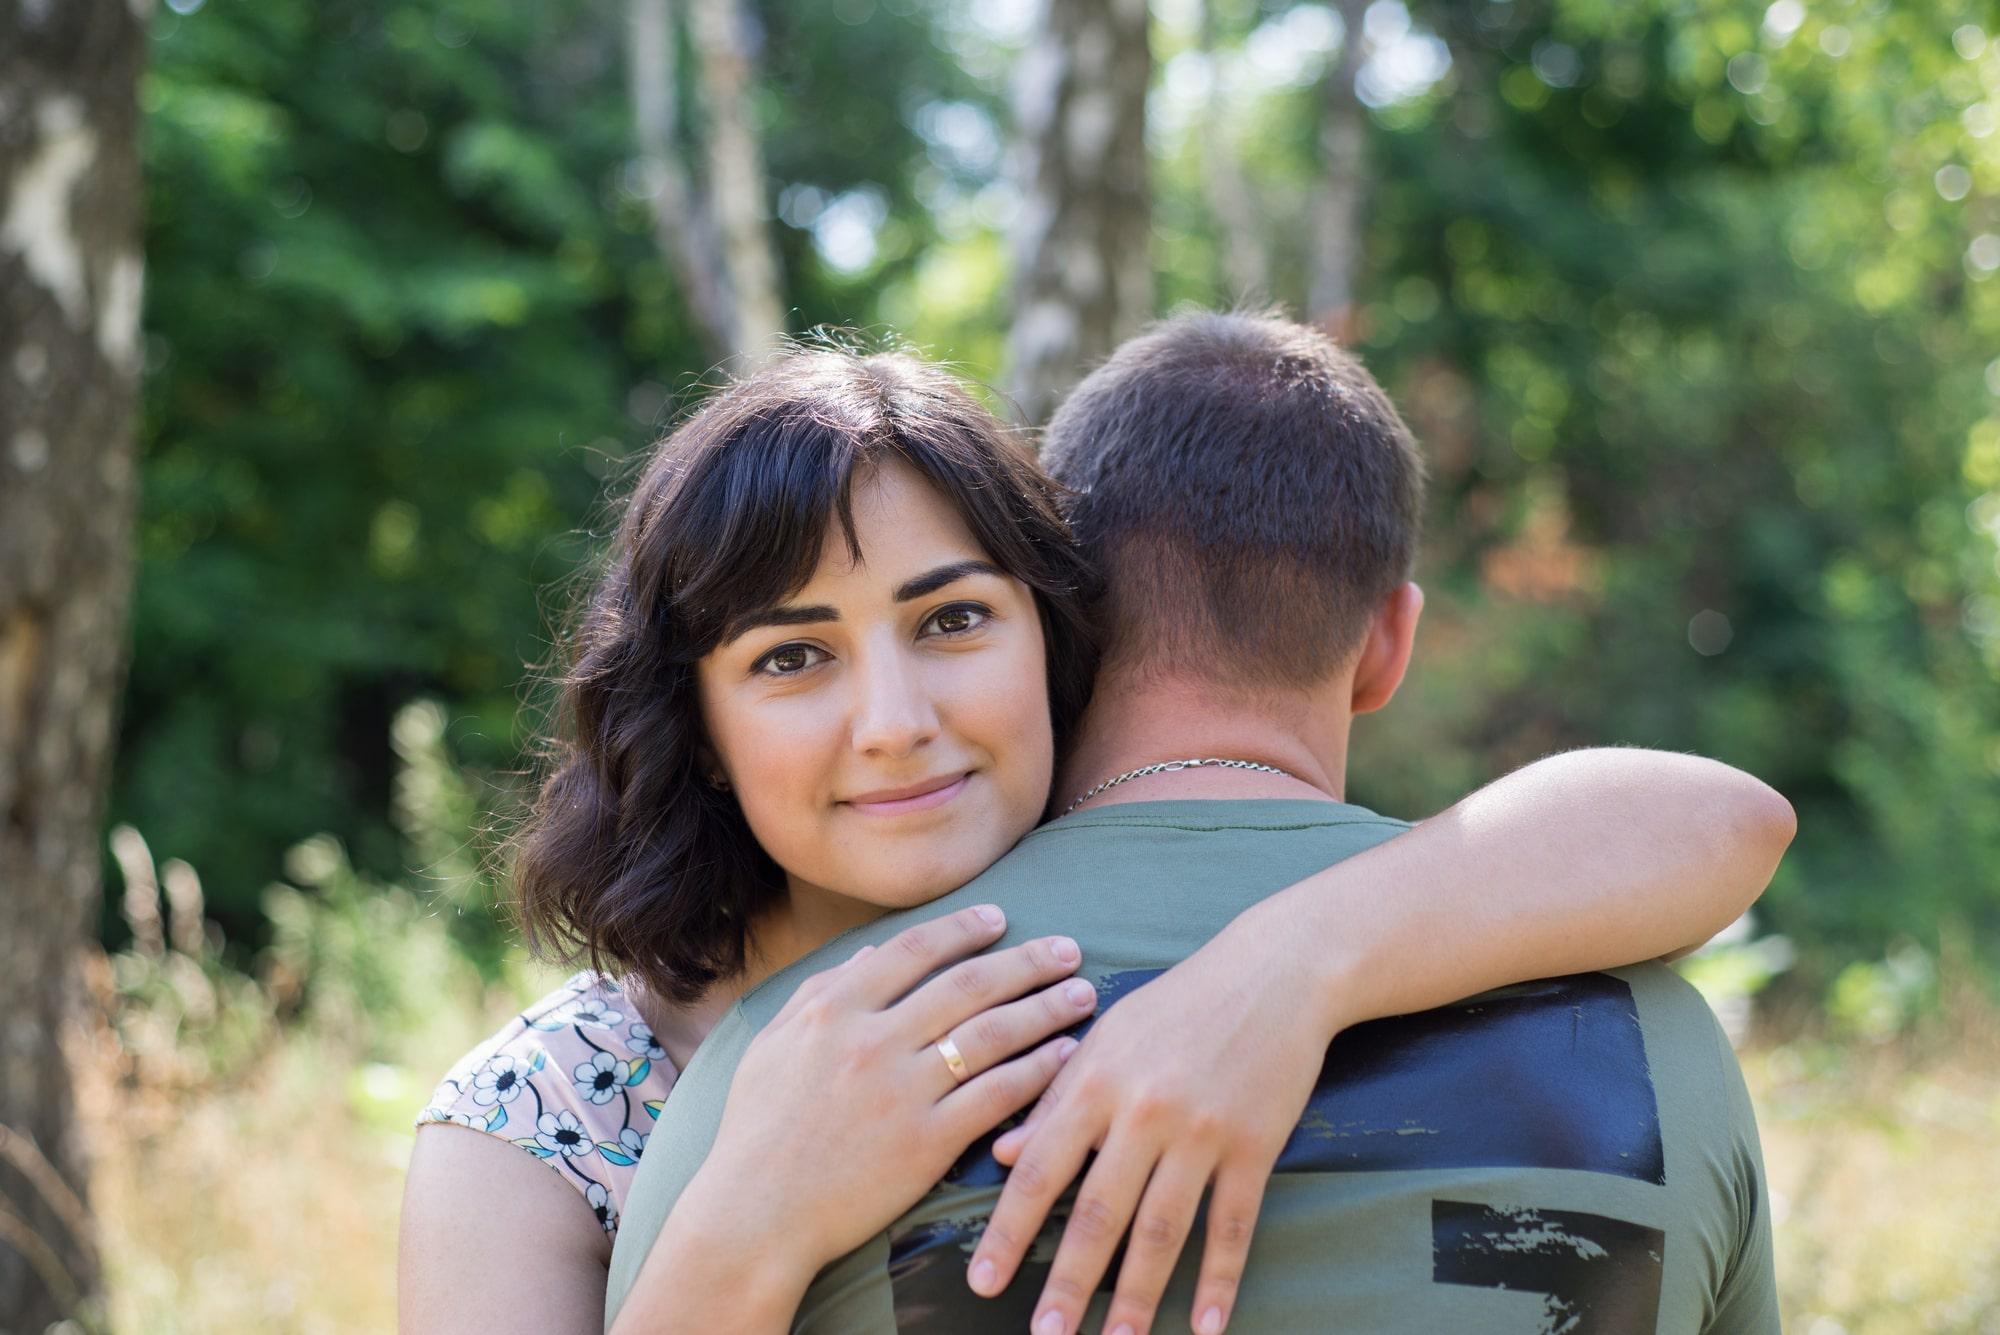 Фотосессия Love Story в обьятьях жены - Фотограф Женя Лайт